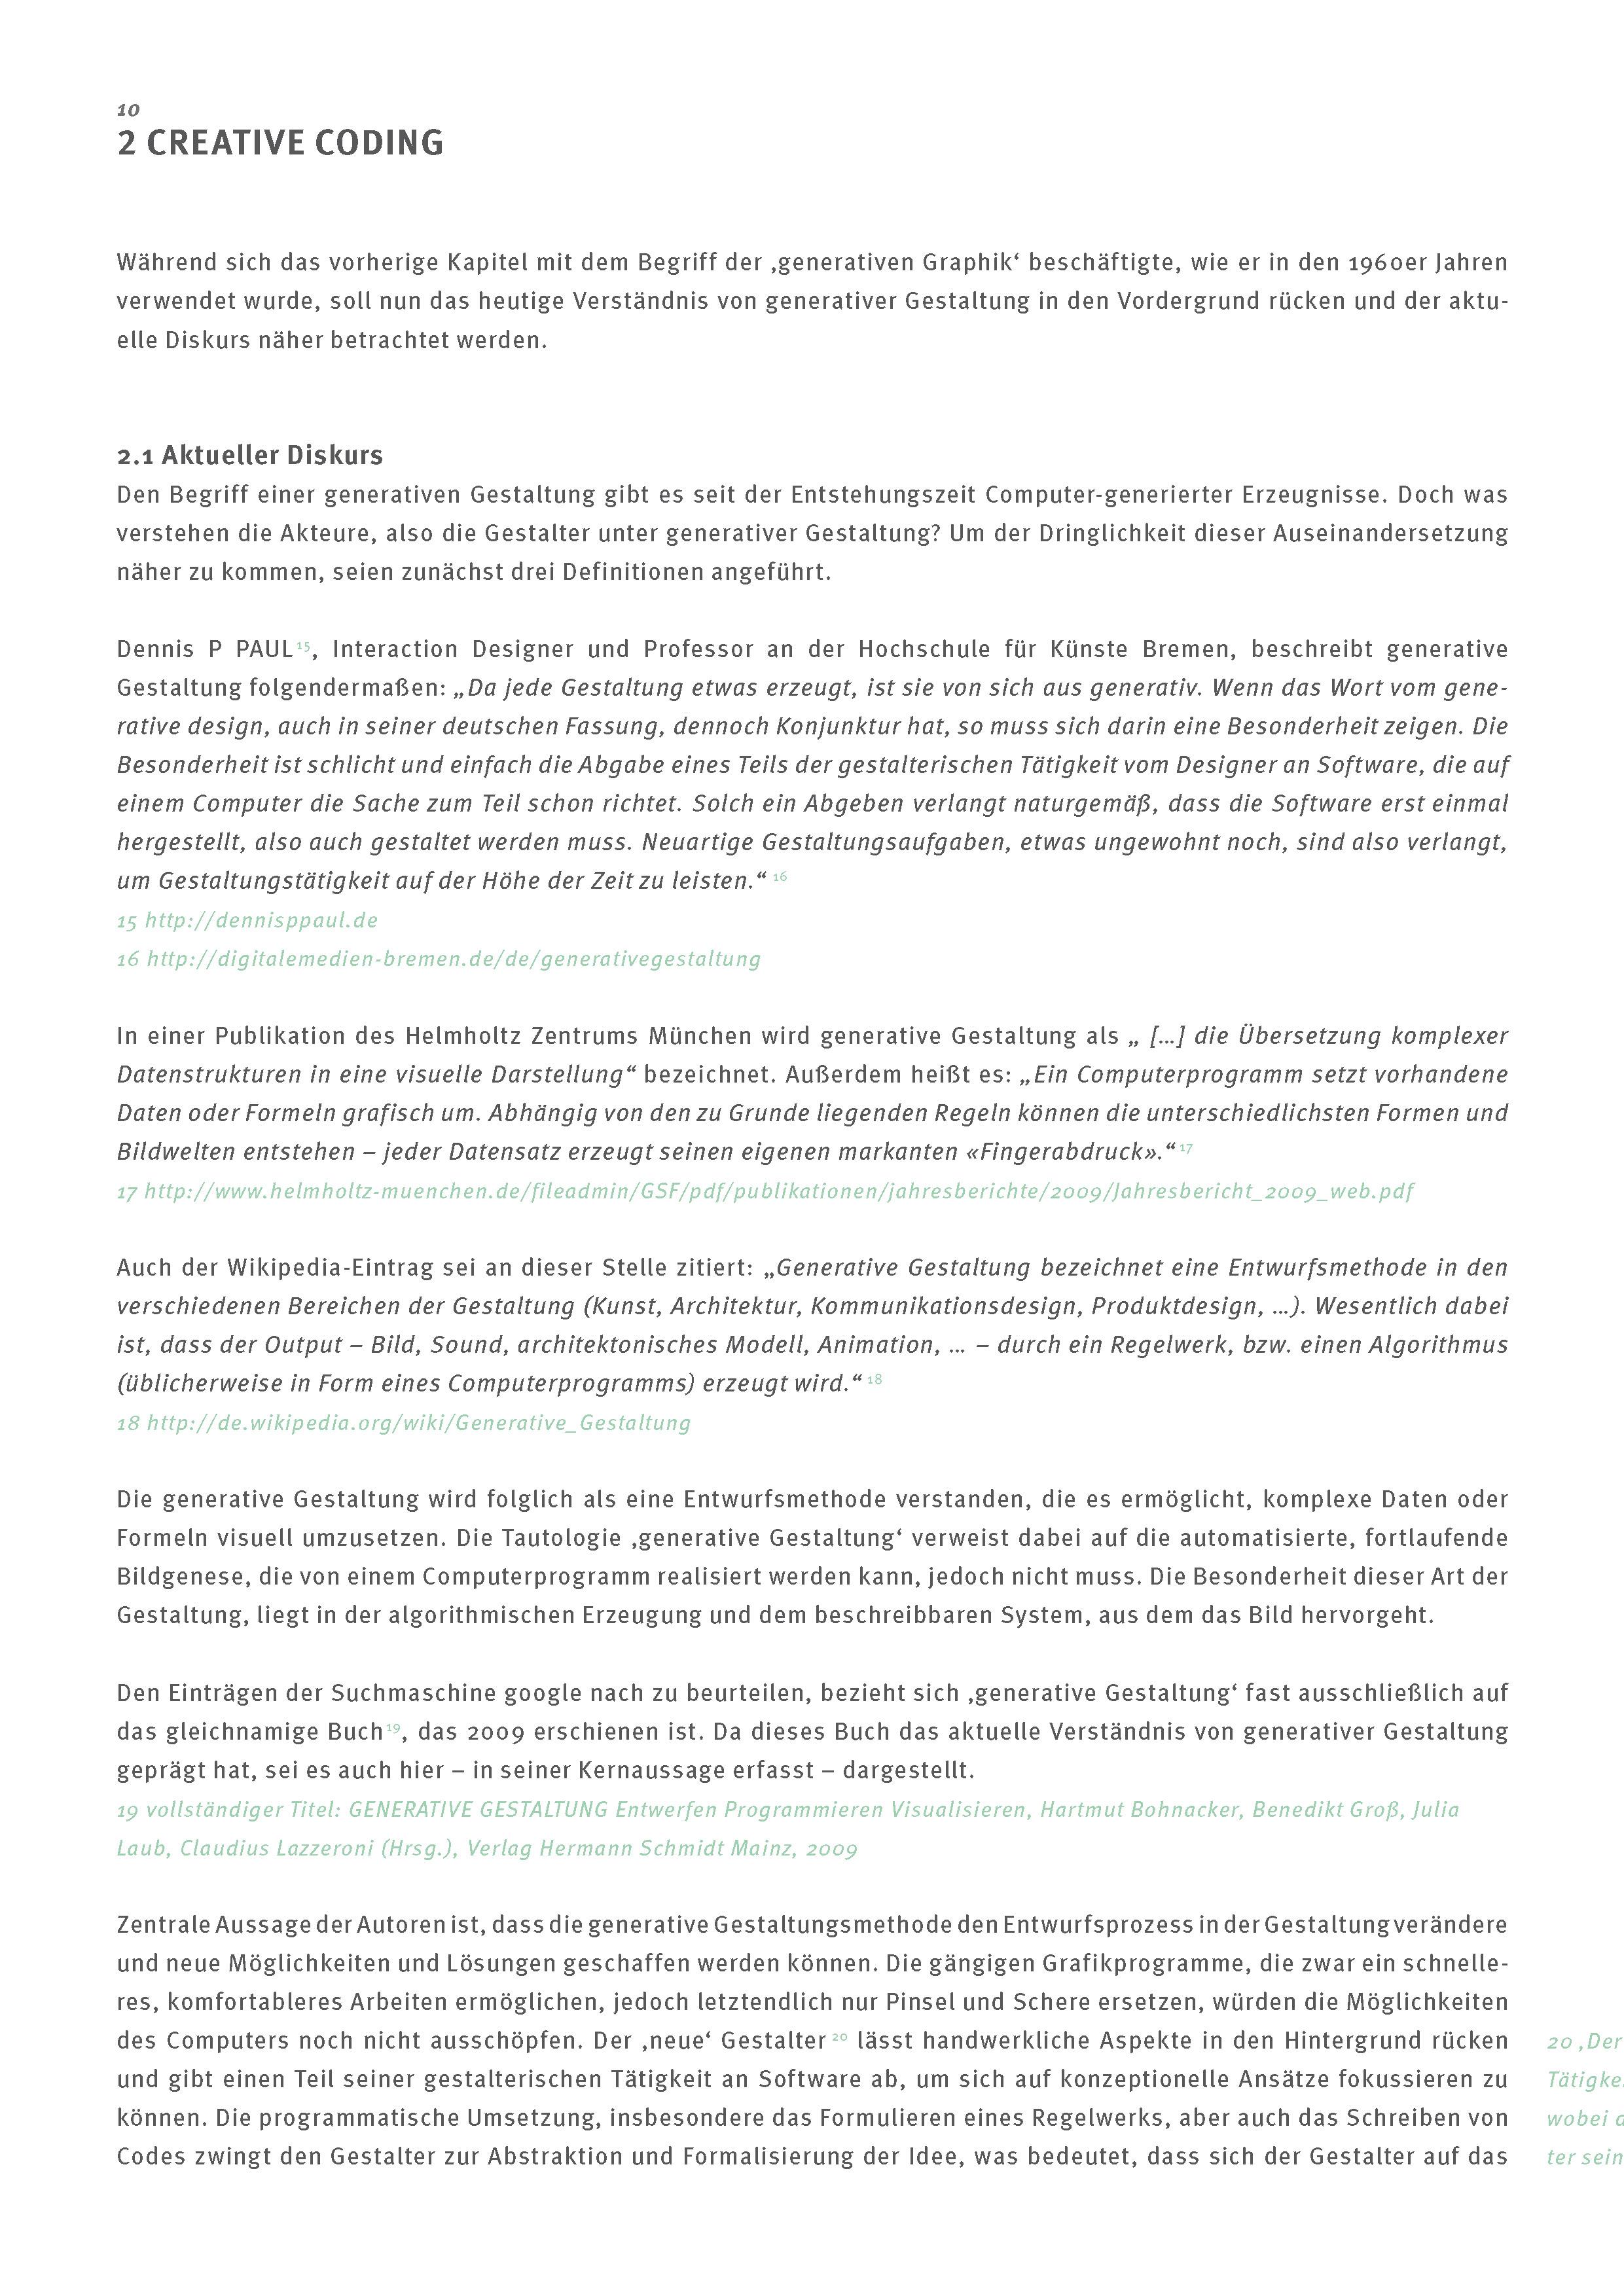 Generative Gestaltung-eine Entwurfsmethode_Einzelseiten_Seite_10.jpg